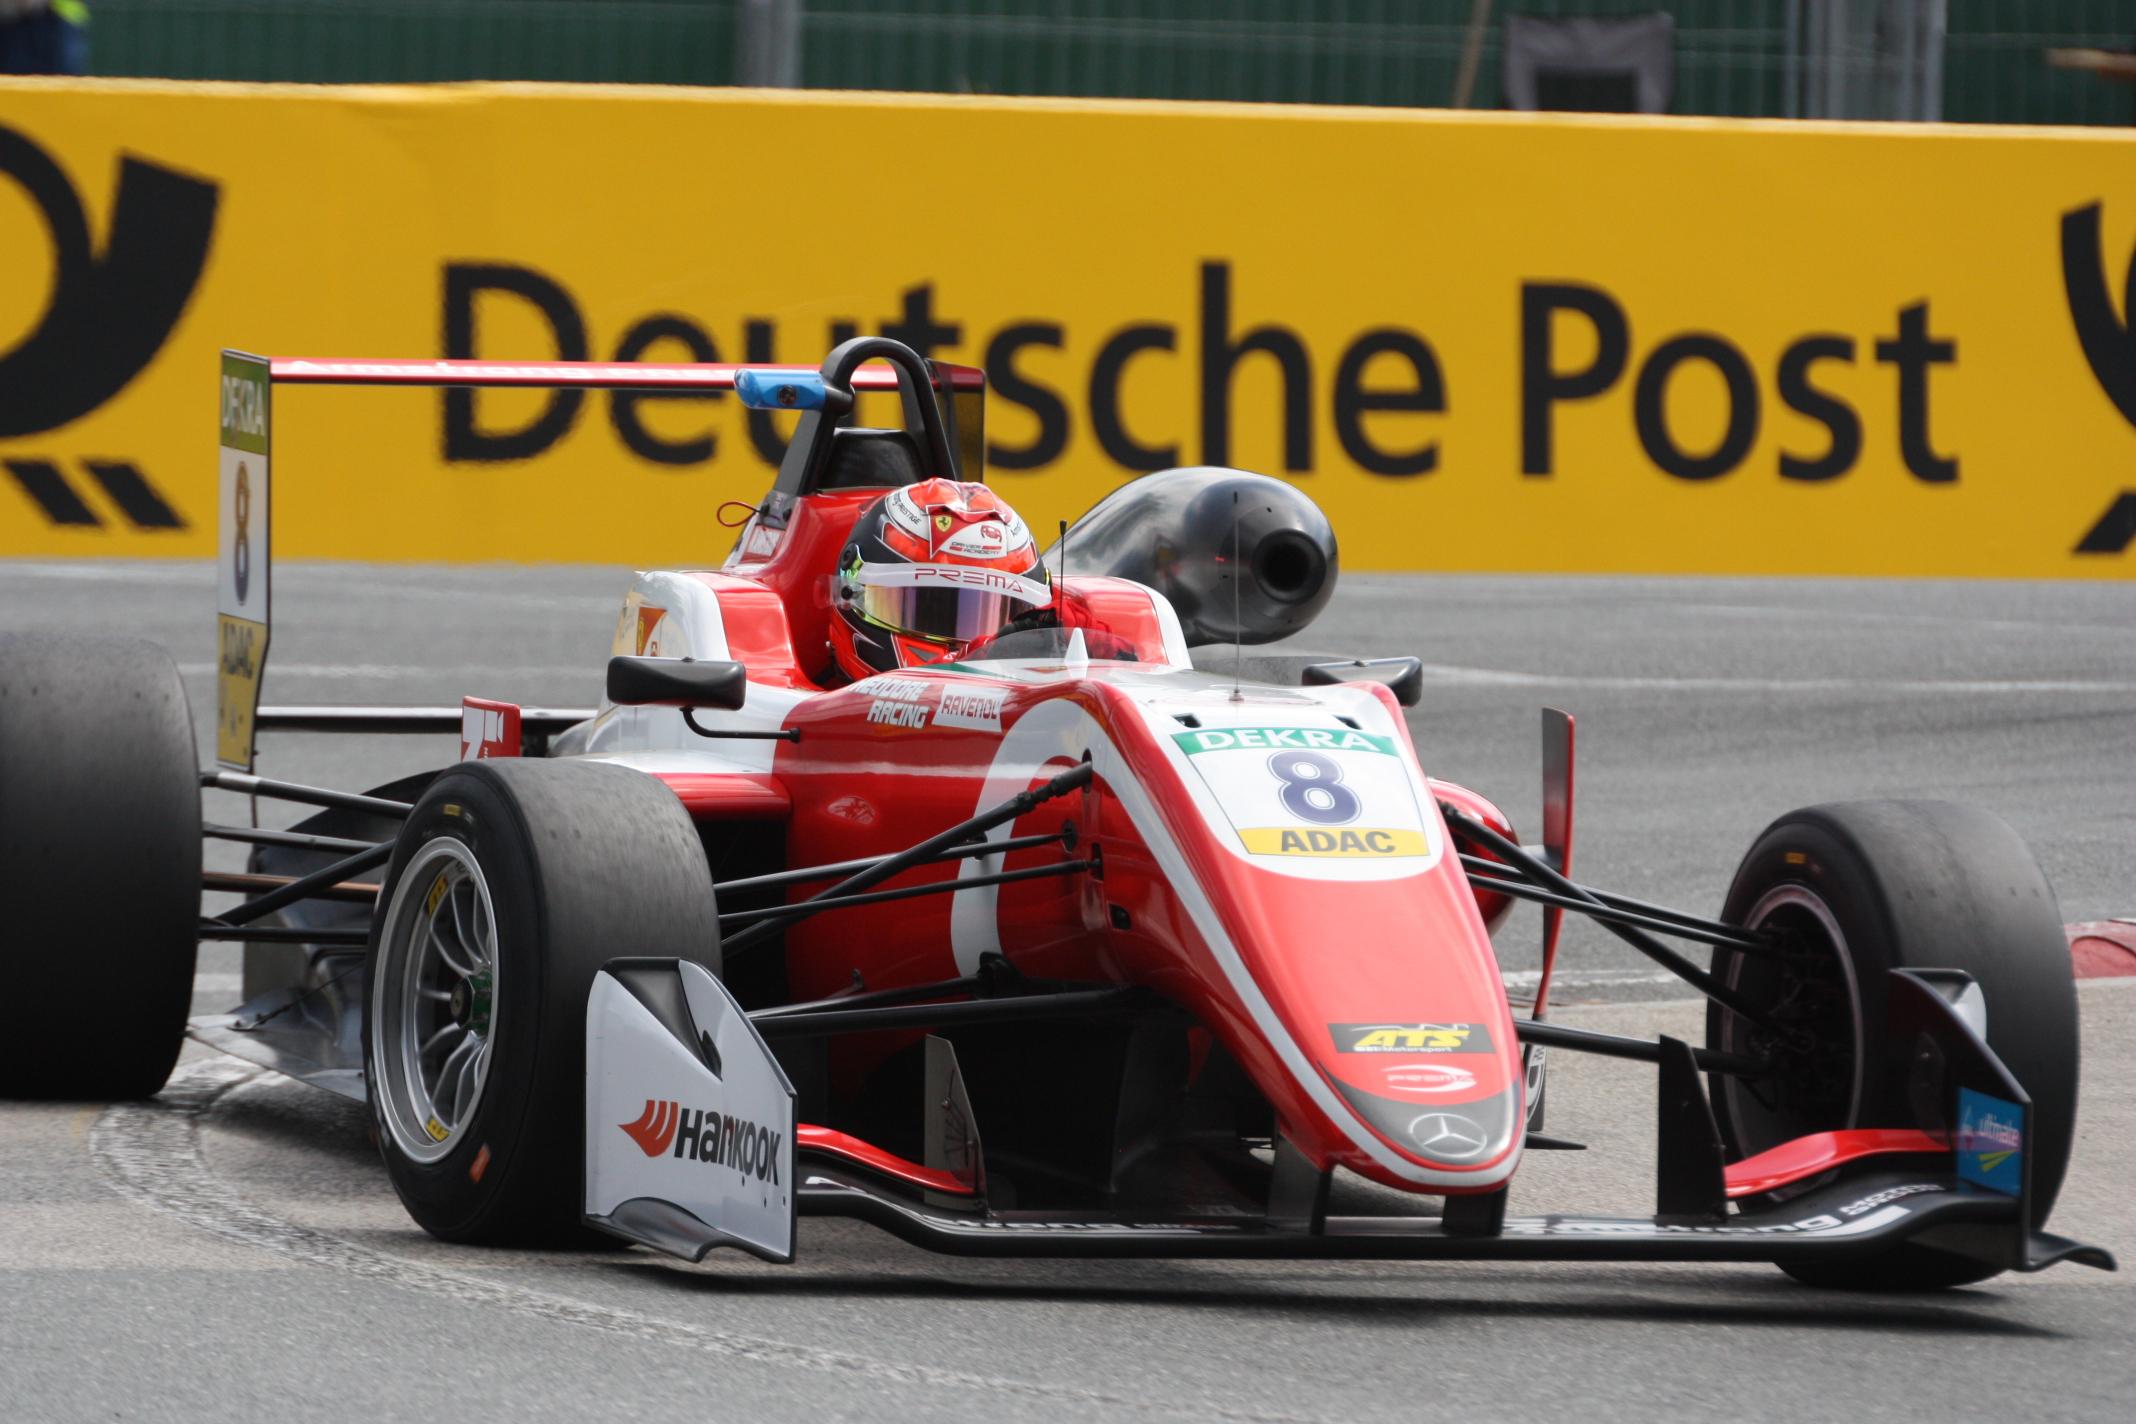 Dojel si pro vítězství v sobotu, pak pro druhé a třetí místo v neděli: Po součtu bodů to pro pilota Premy-Theodore Marcuse Armstronga znamená vedení v šampionátu F3